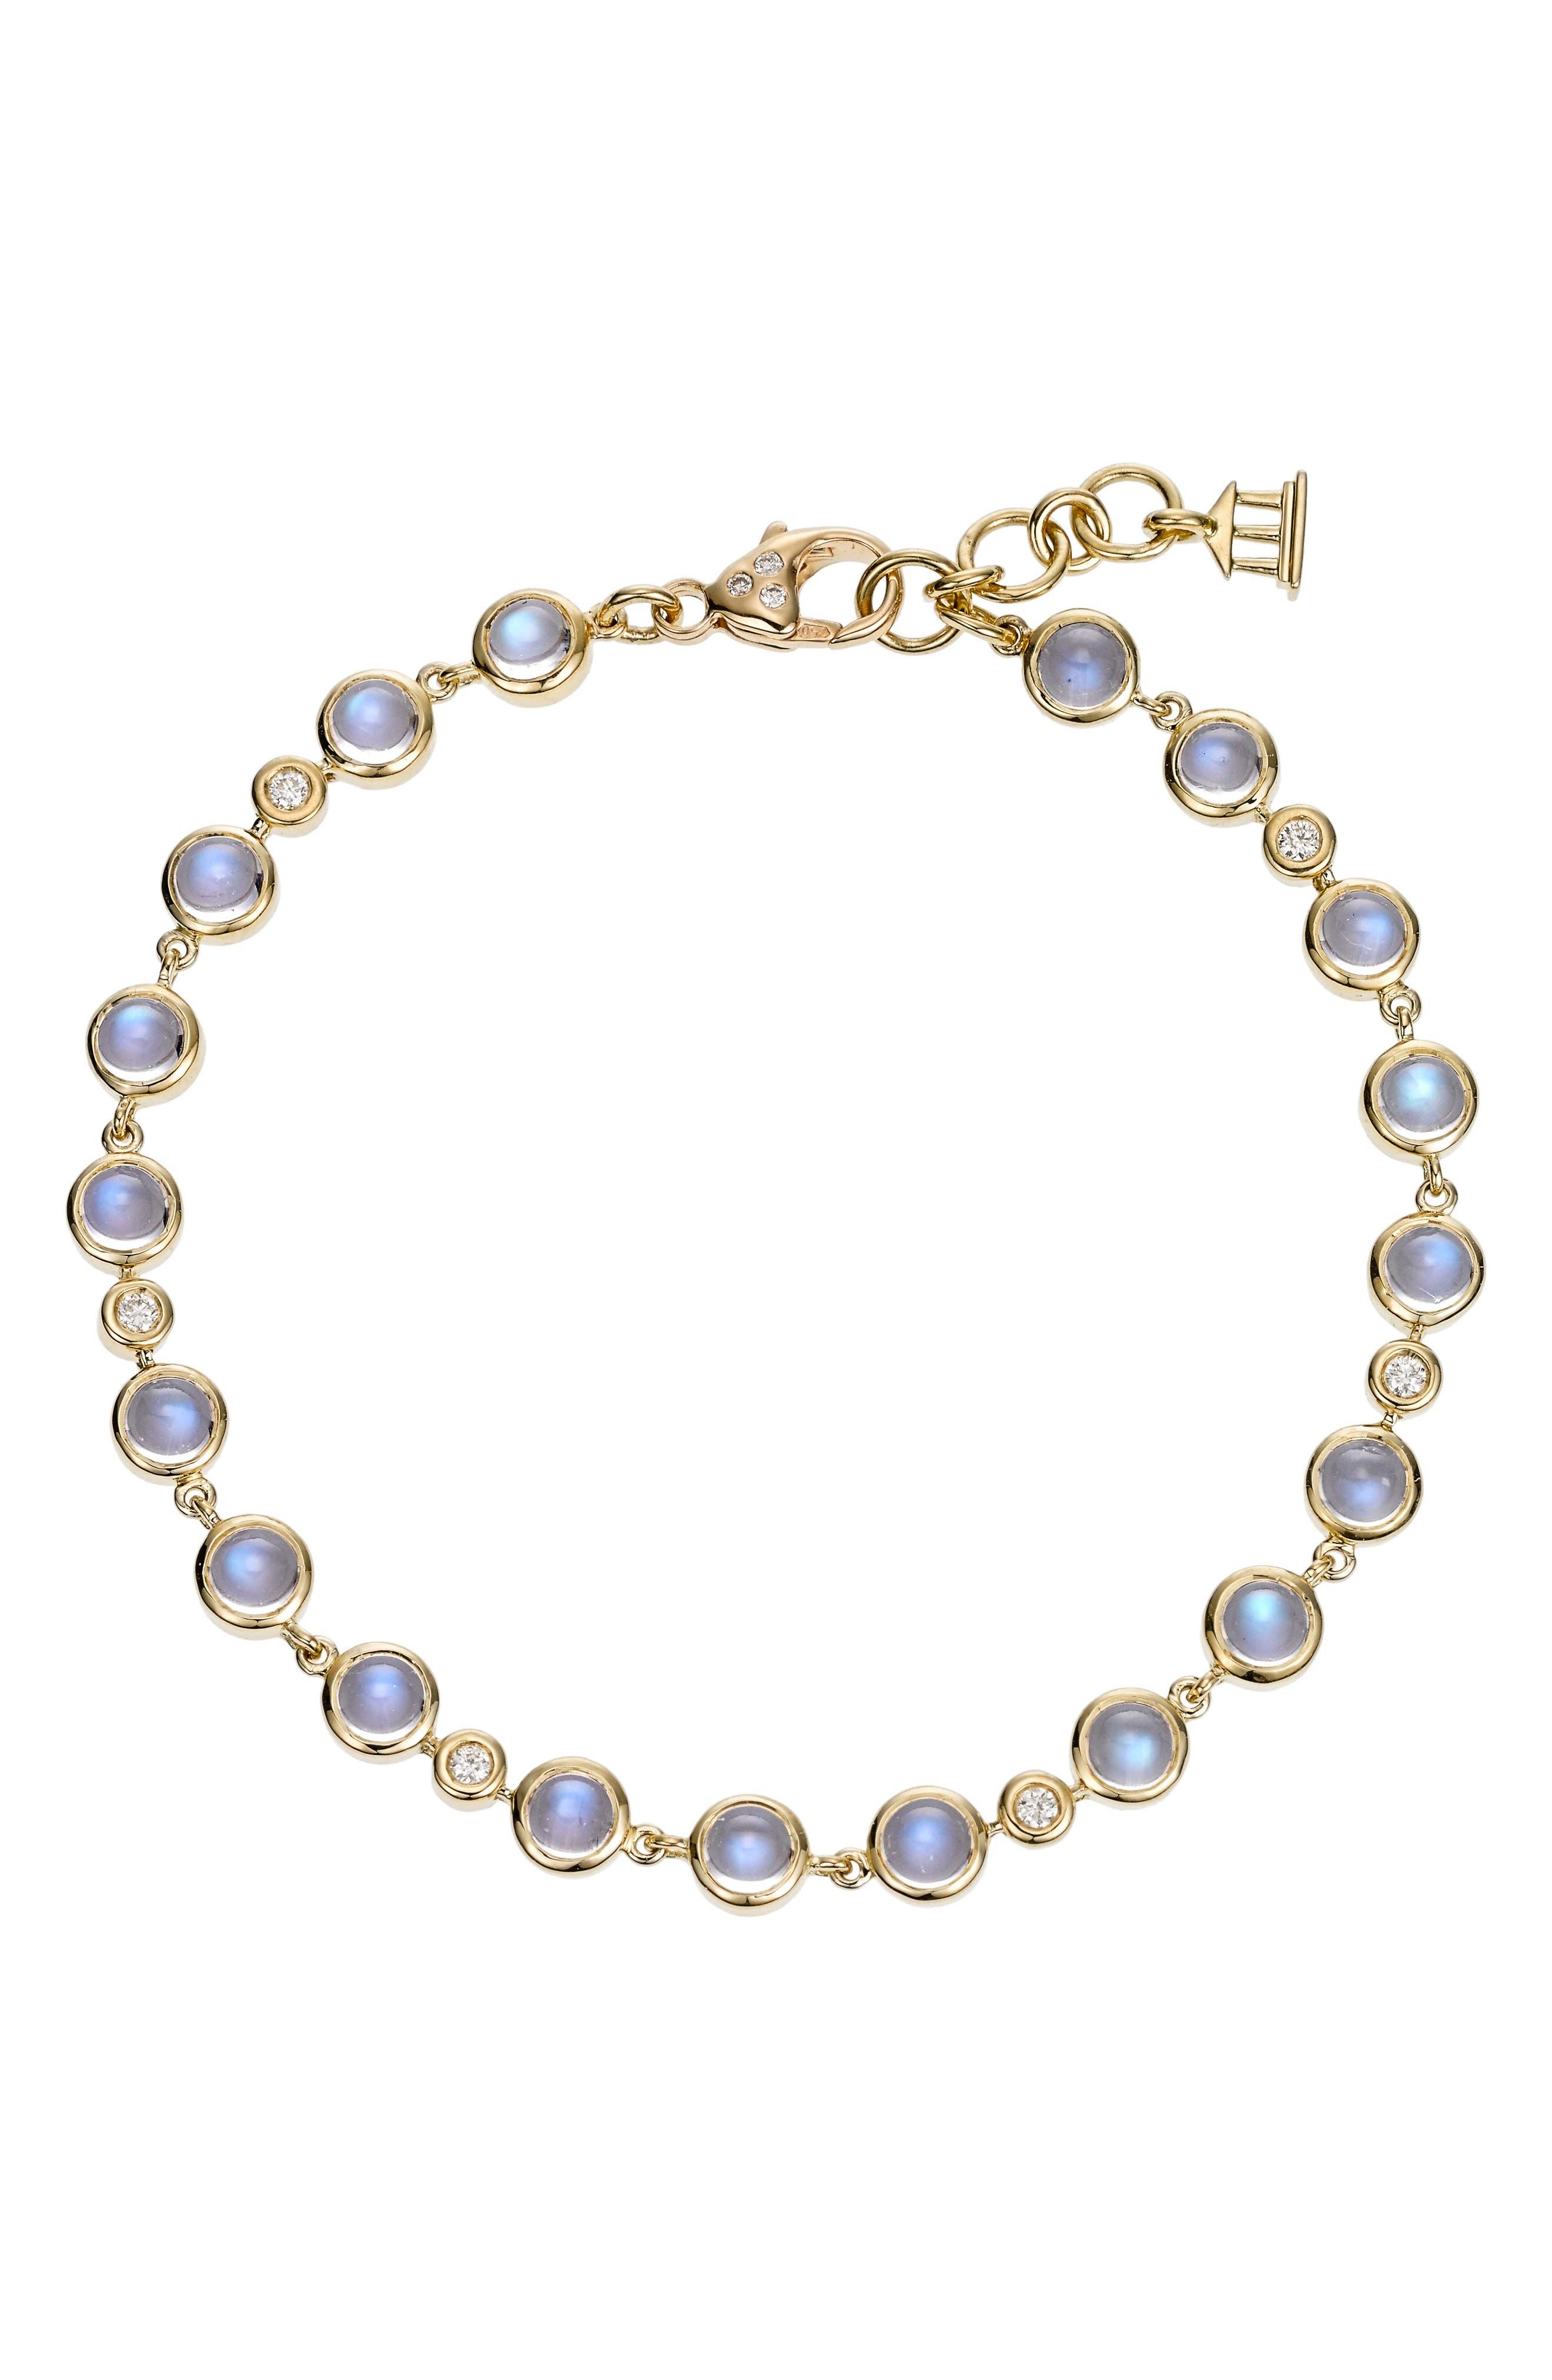 Temple St. Clair Diamond & Moonstone Bracelet,                         Main,                         color, D0.213 Gvs1 Bm 18Kyg